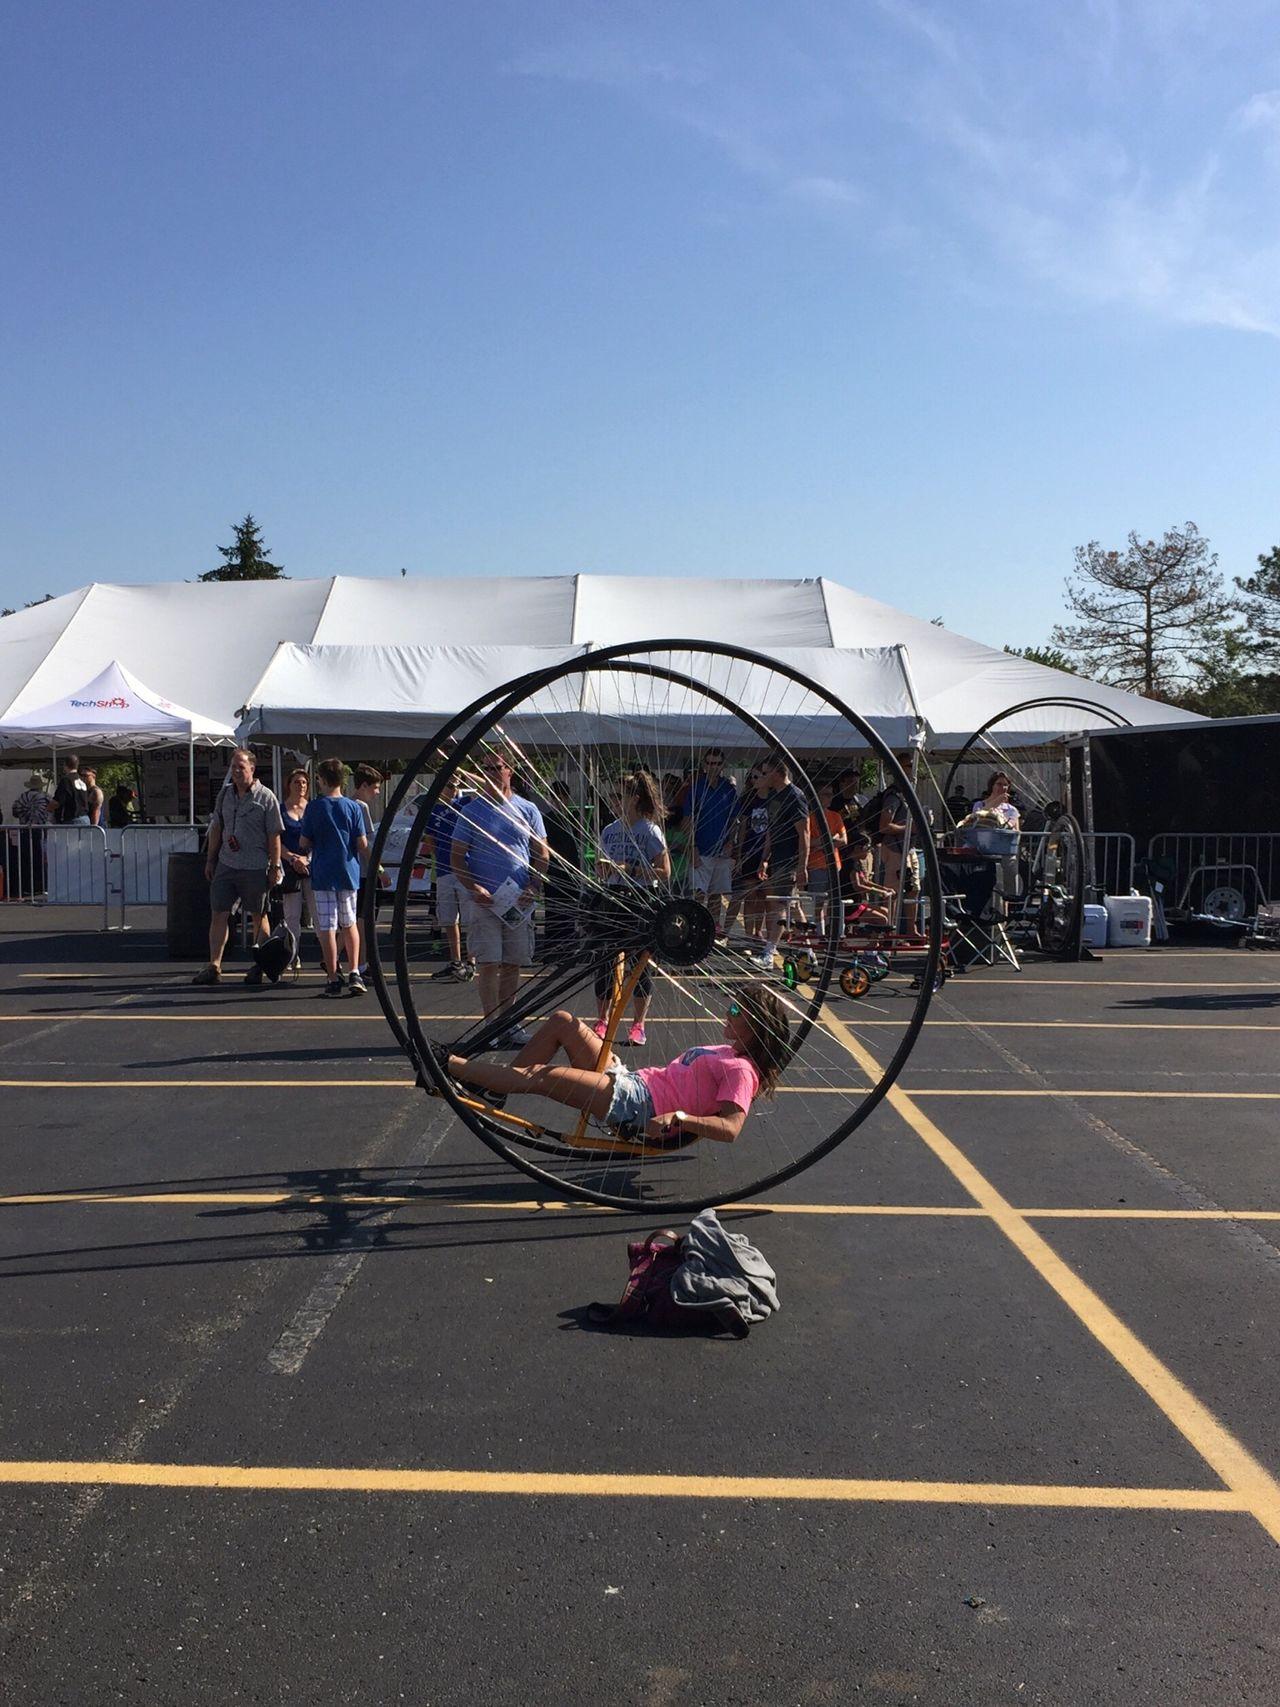 Big wheels Detroit Makersfaire Makers Faire Exercise Wheels Big Wheels Bicycle Bicycle Mods Bicycling Celebrate Your Ride